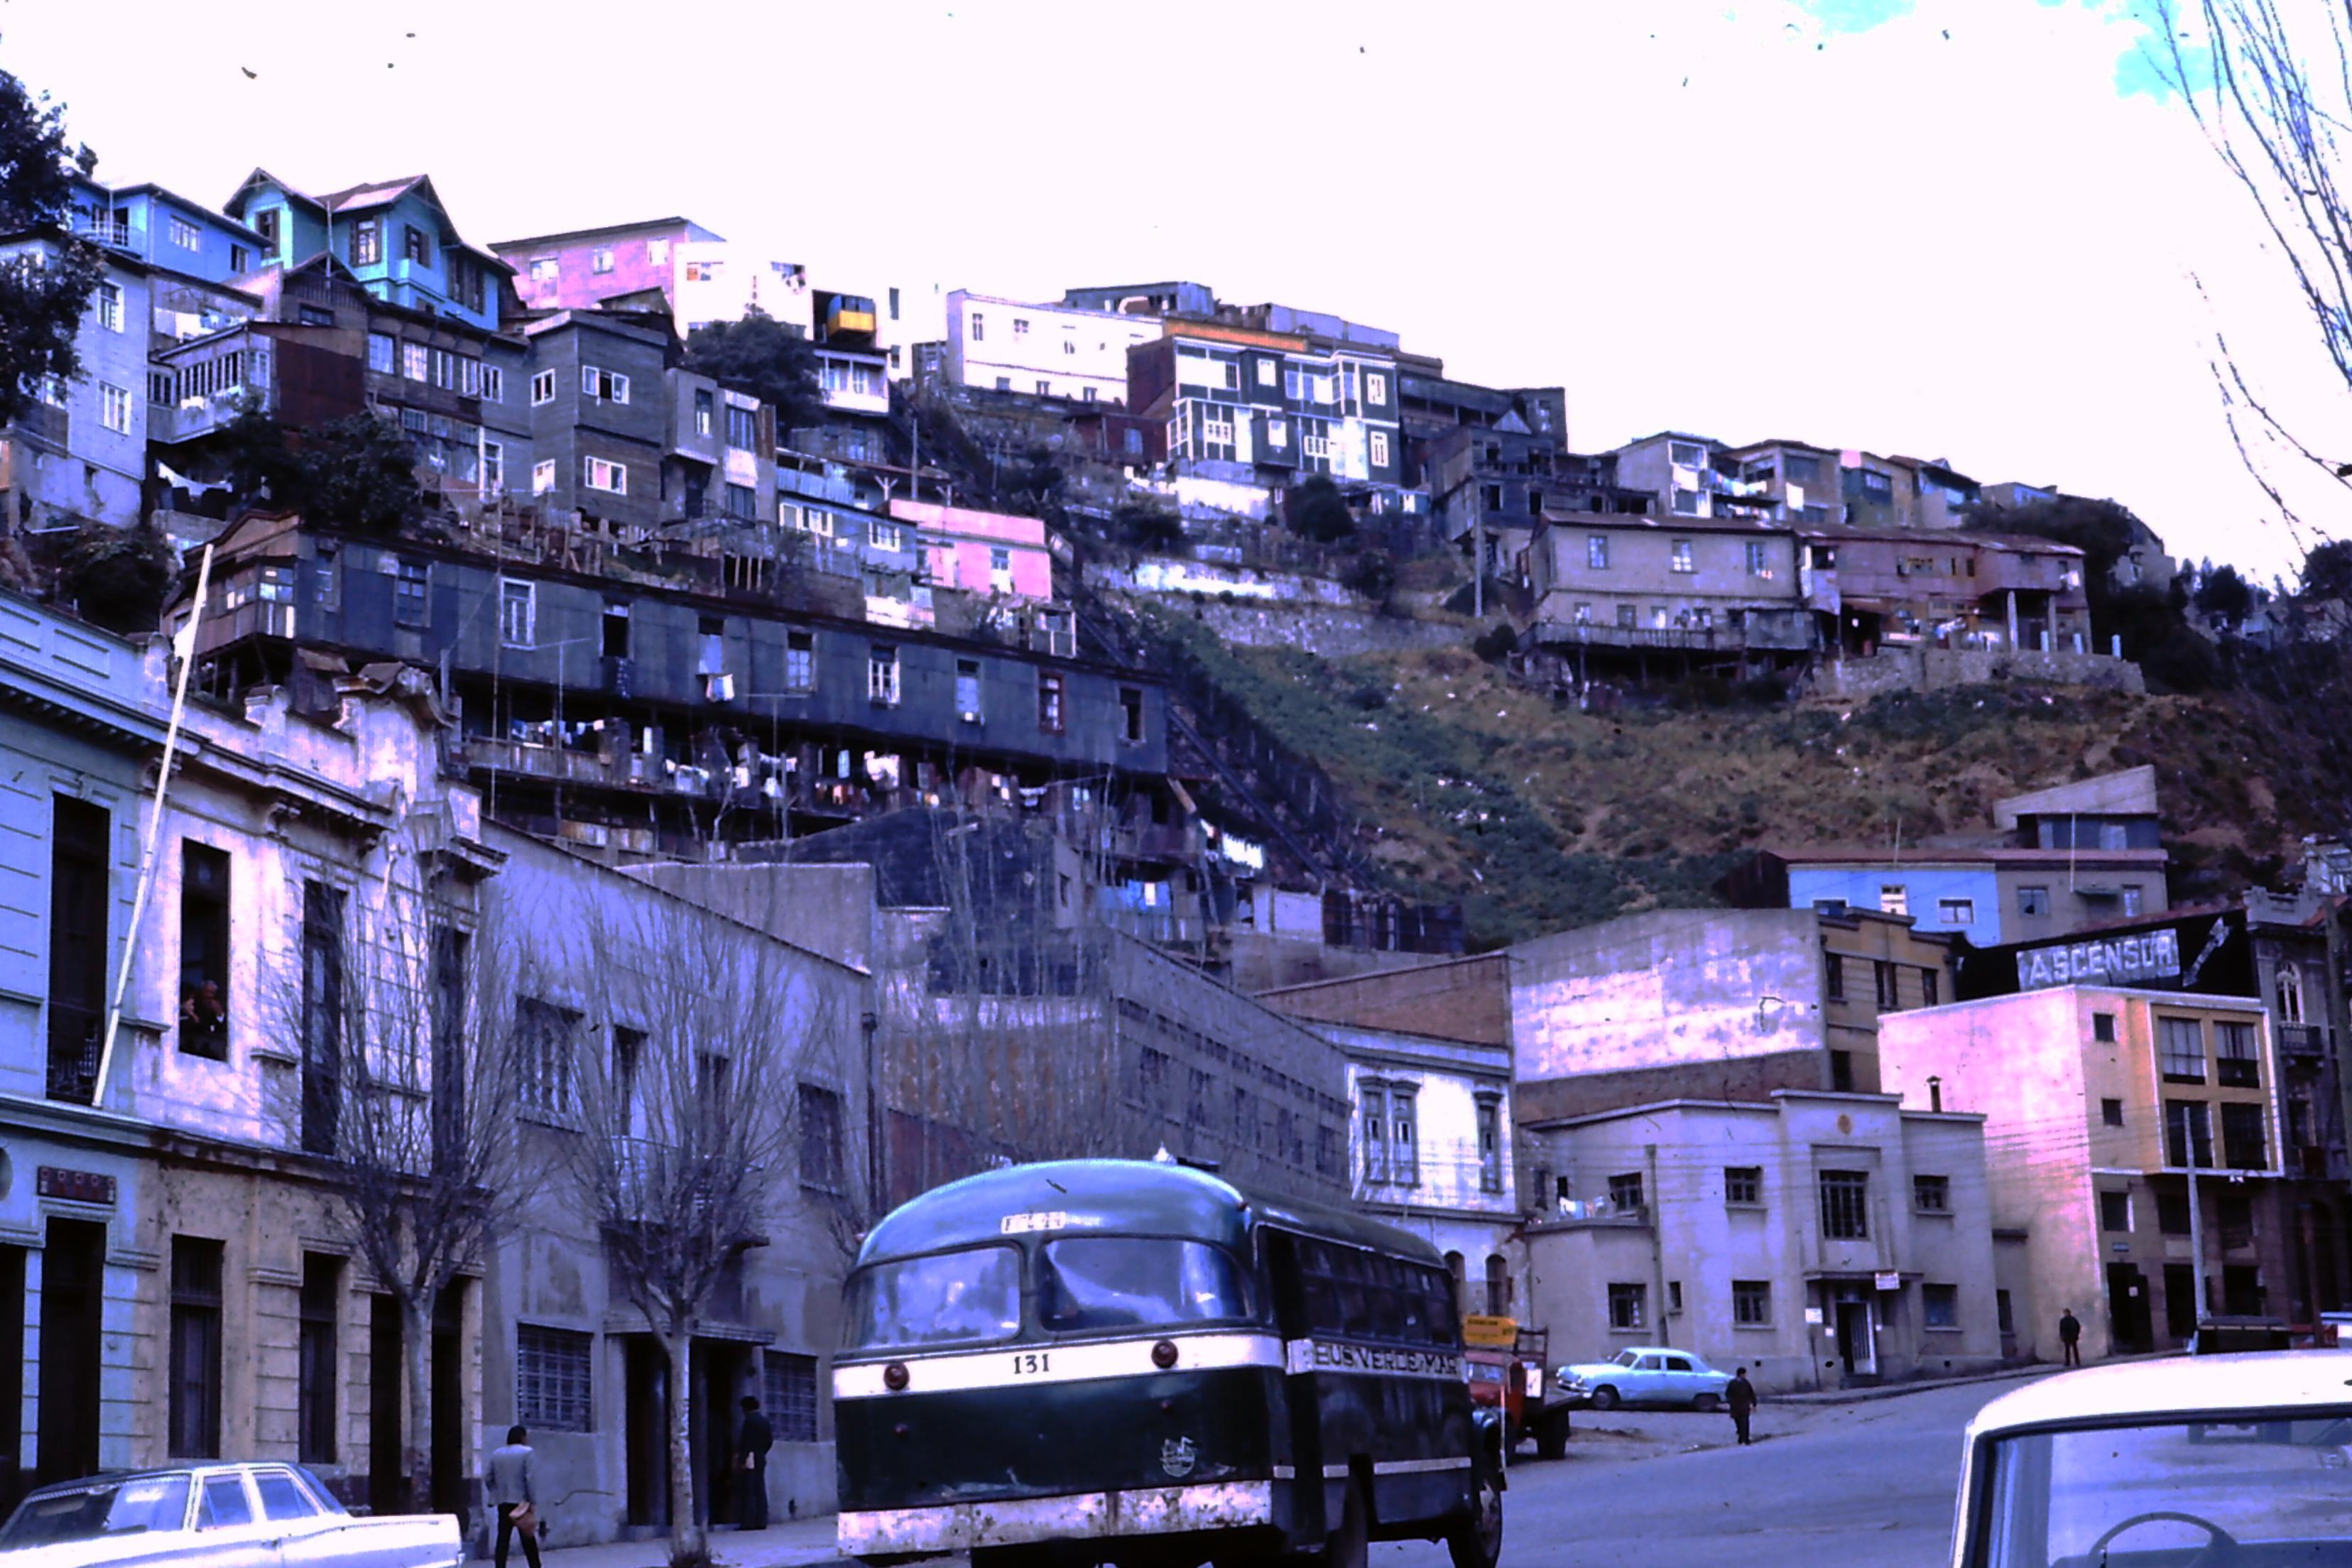 Enterreno - Fotos históricas de chile - fotos antiguas de Chile - Ascensor La Cruz de Valparaíso en los 70s